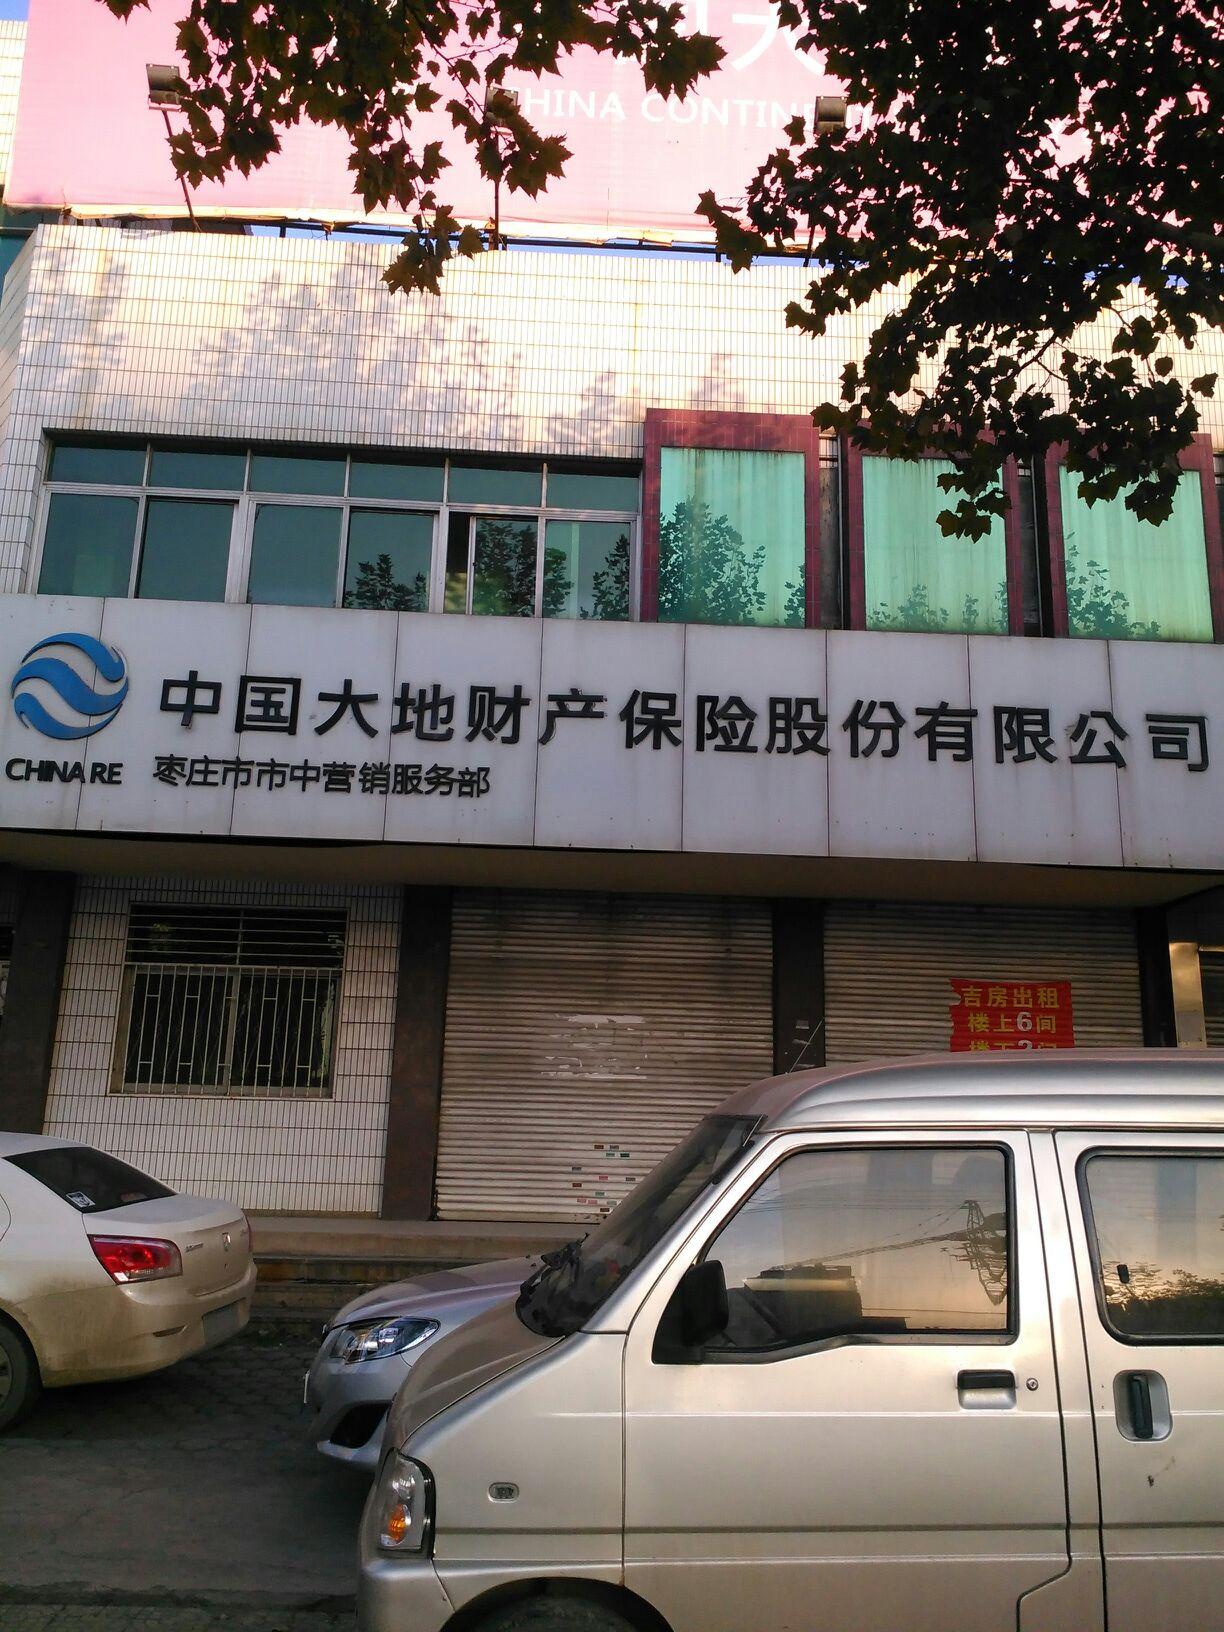 大地保险(枣庄市市中营销服务部)